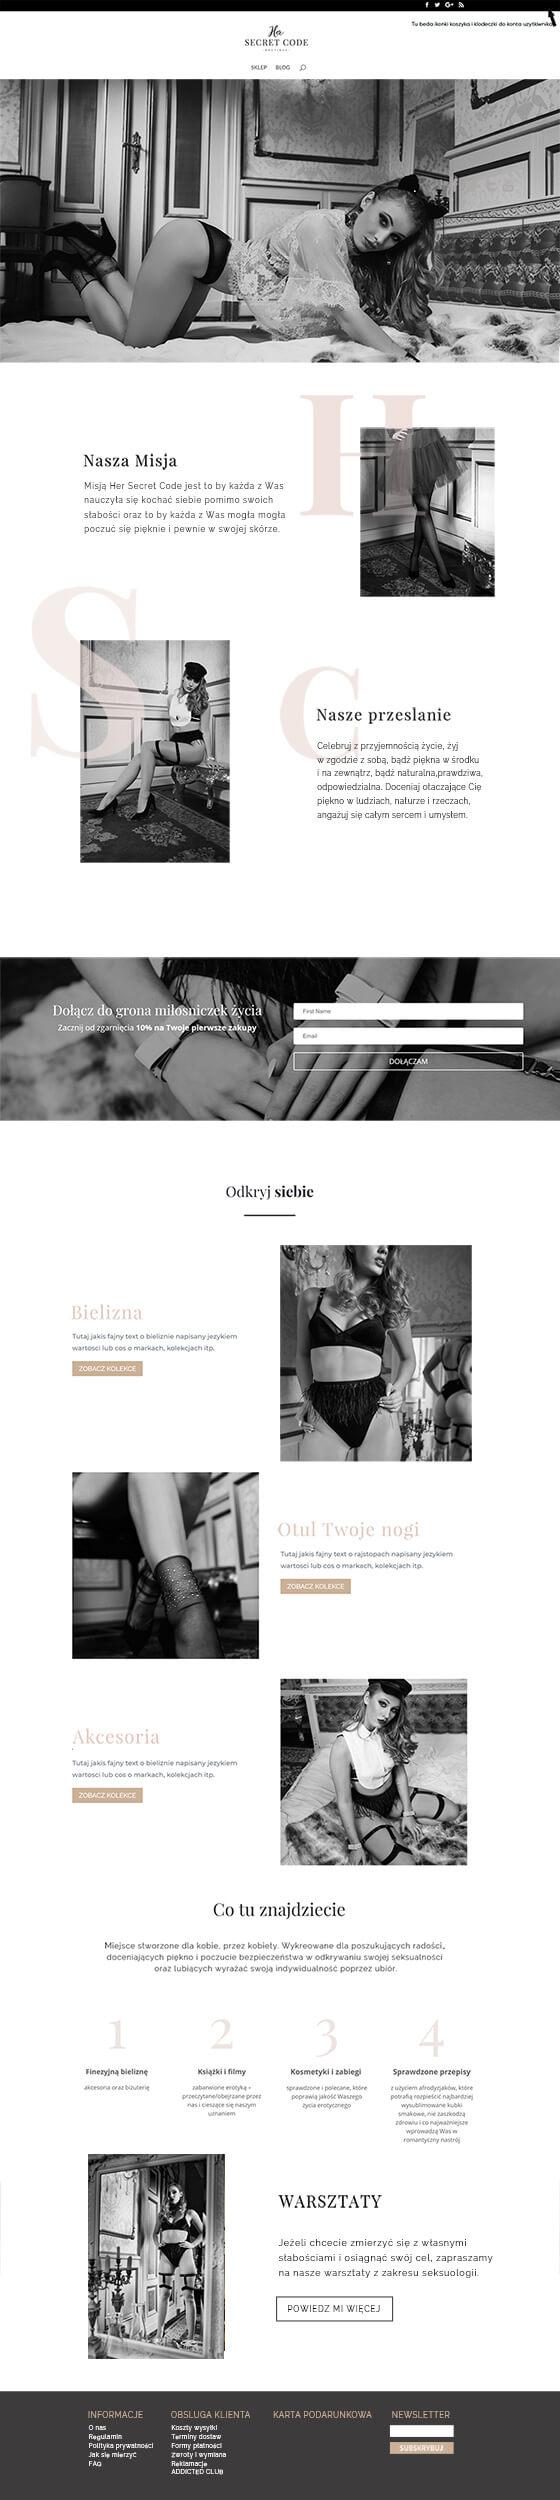 Her Secret Code - Website design